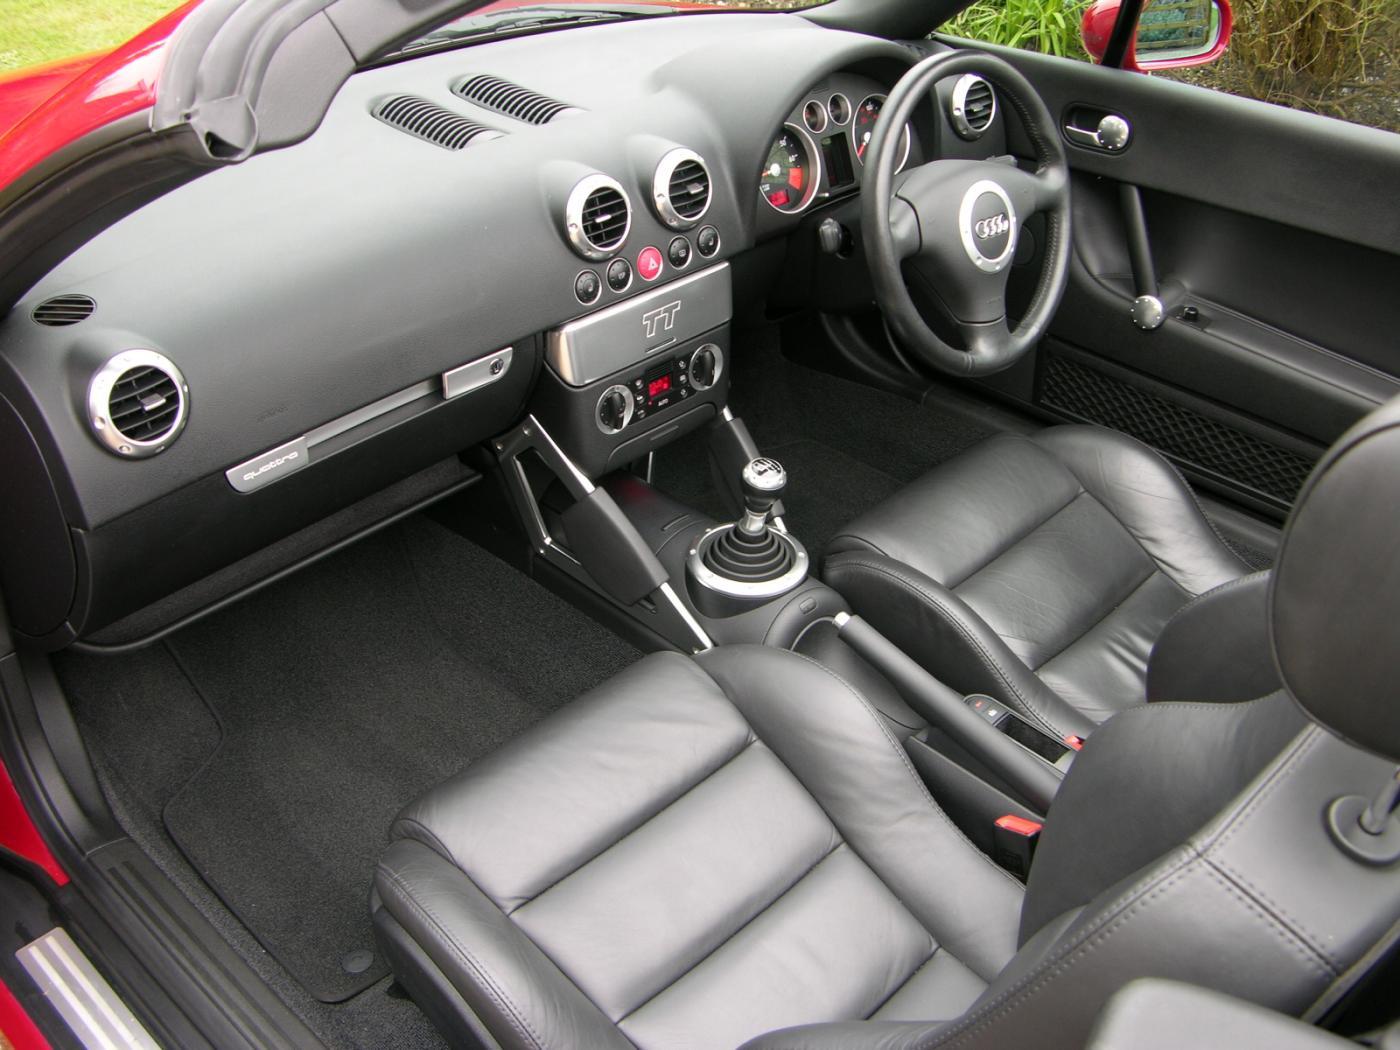 Audi-TT-MK1-4